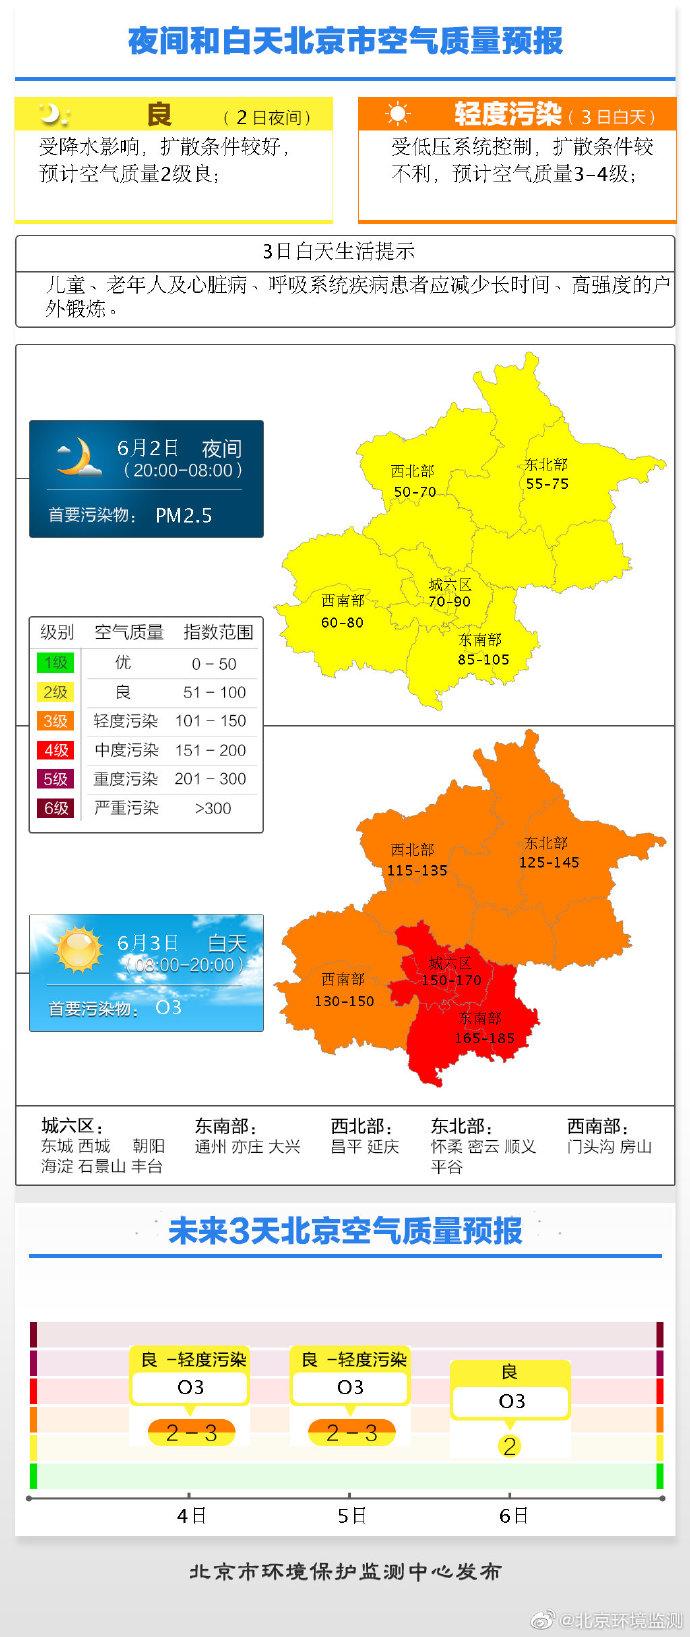 北京明日轻-中度污染 预计首要污染物为臭氧